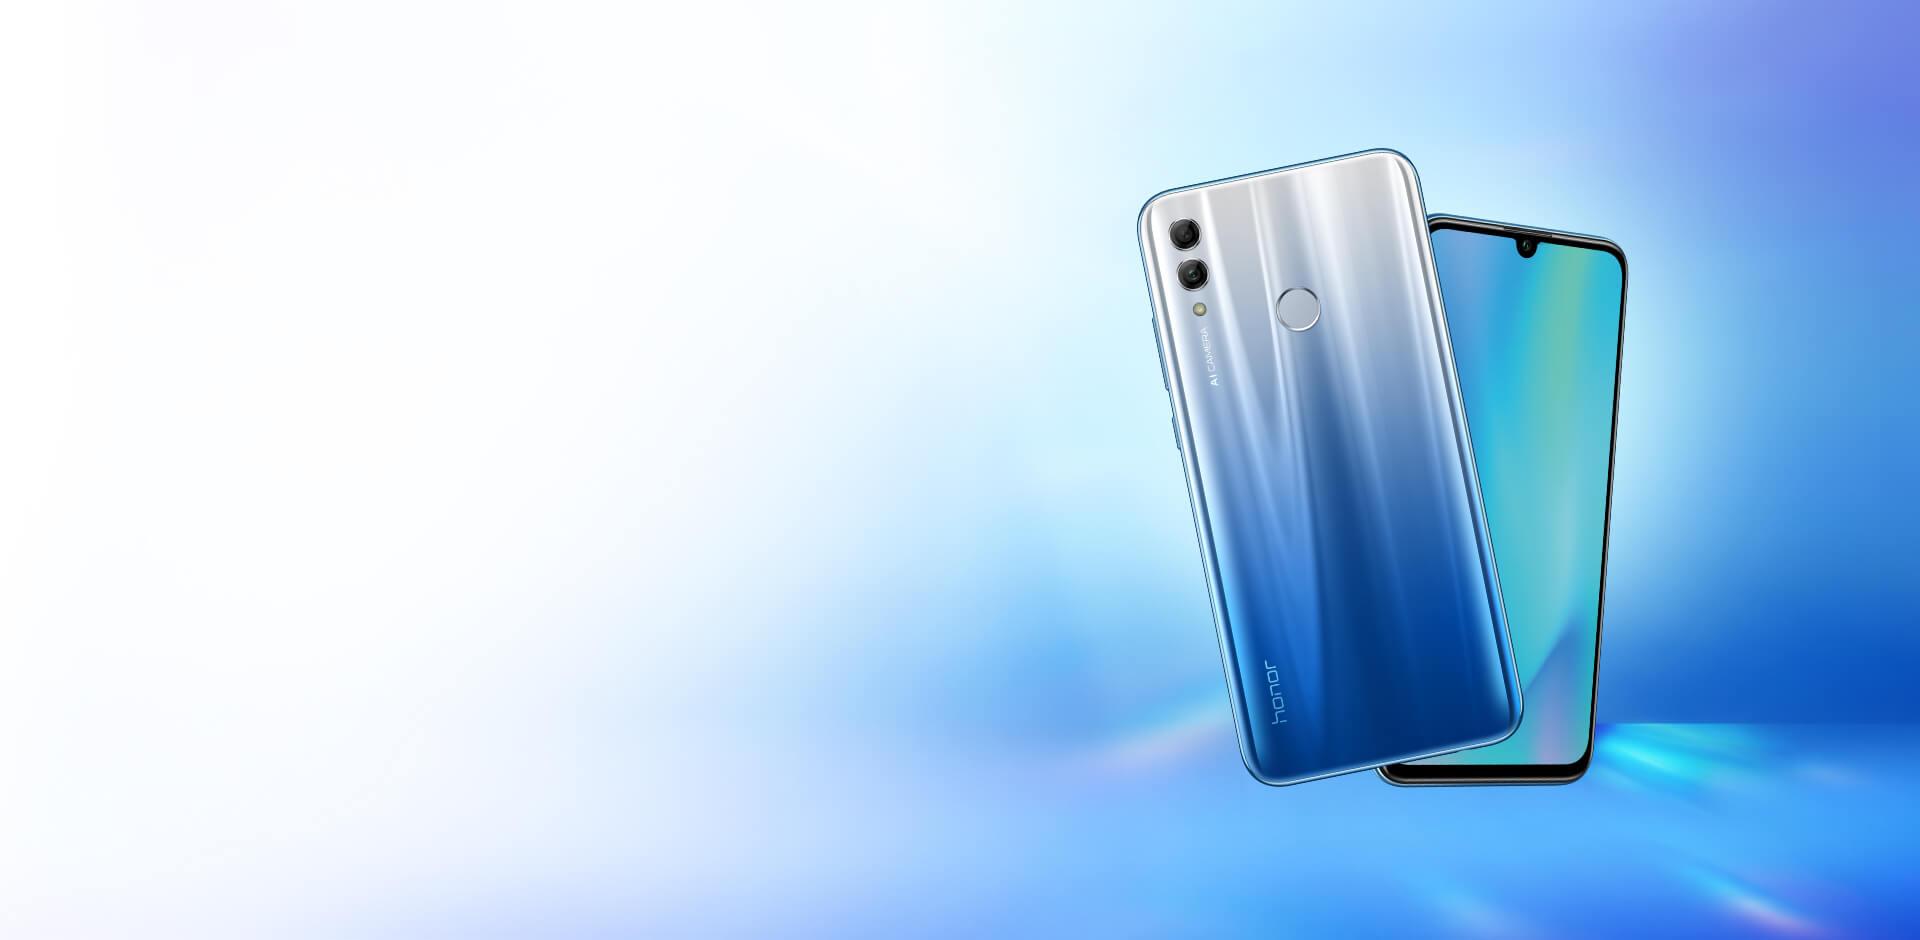 Los mejores celulares baratos que puedes comprar en el 2019